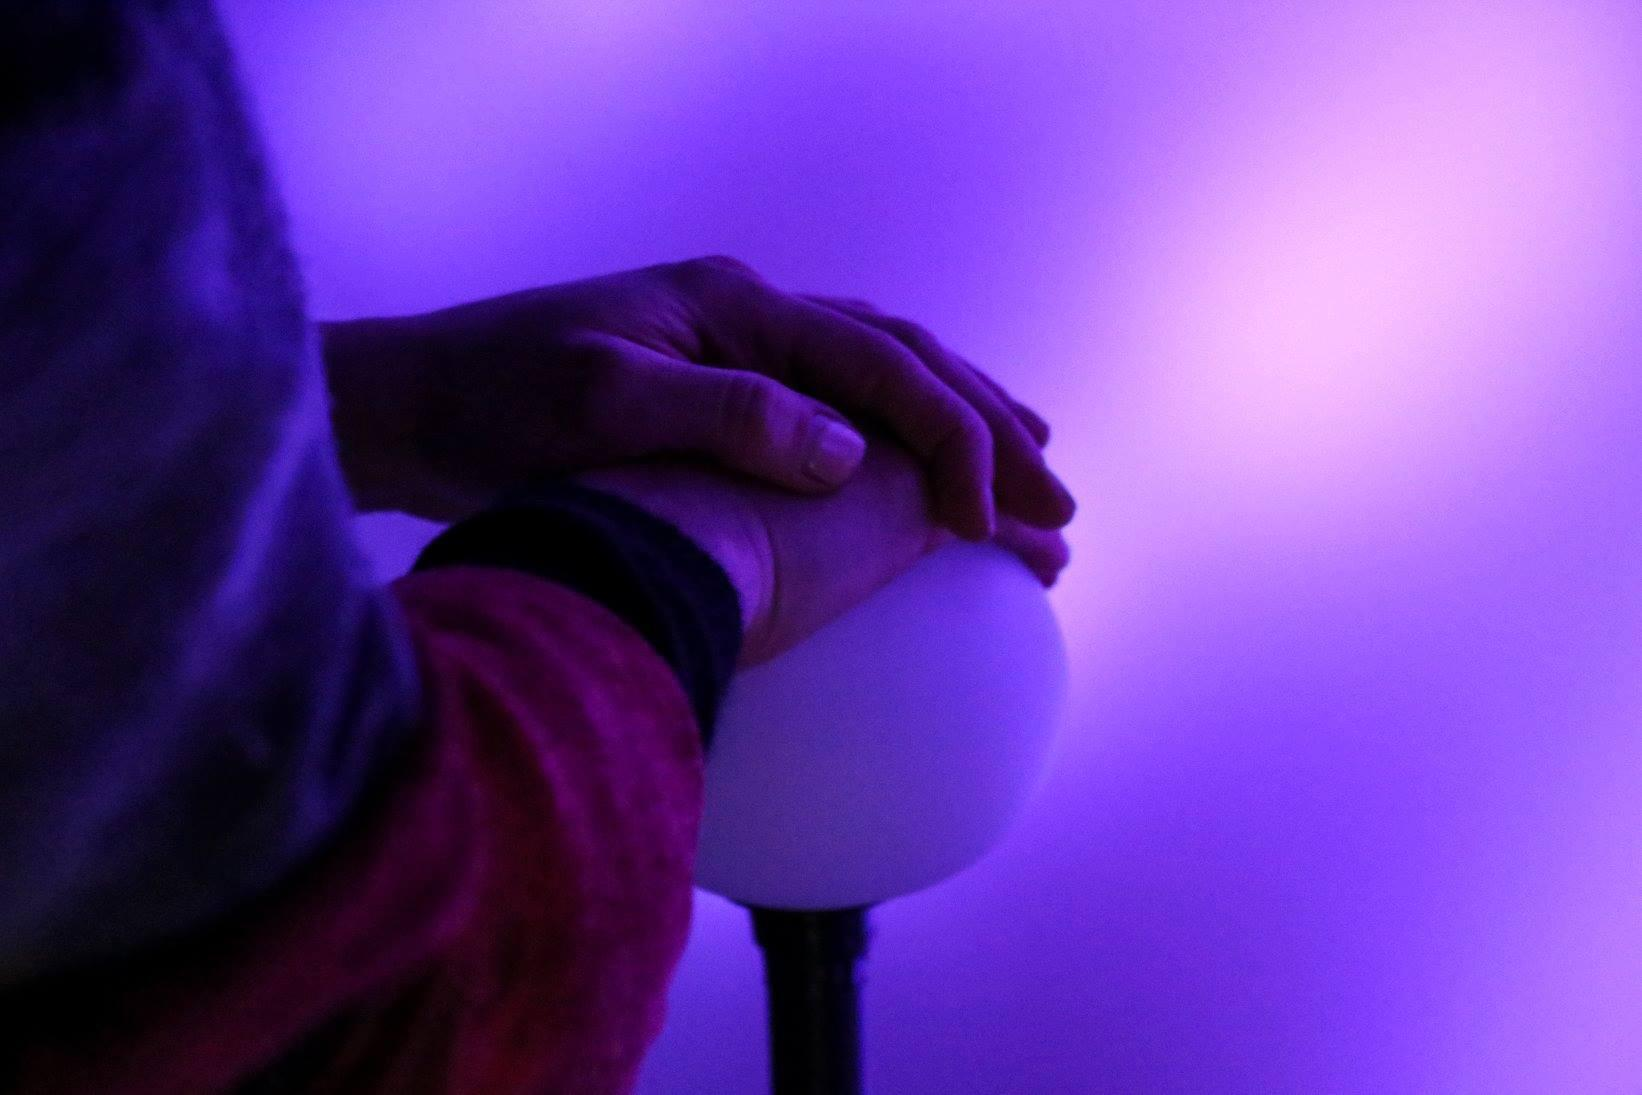 La esfera de la instalación Interlude, que mide el nivel de estrés de la persona.